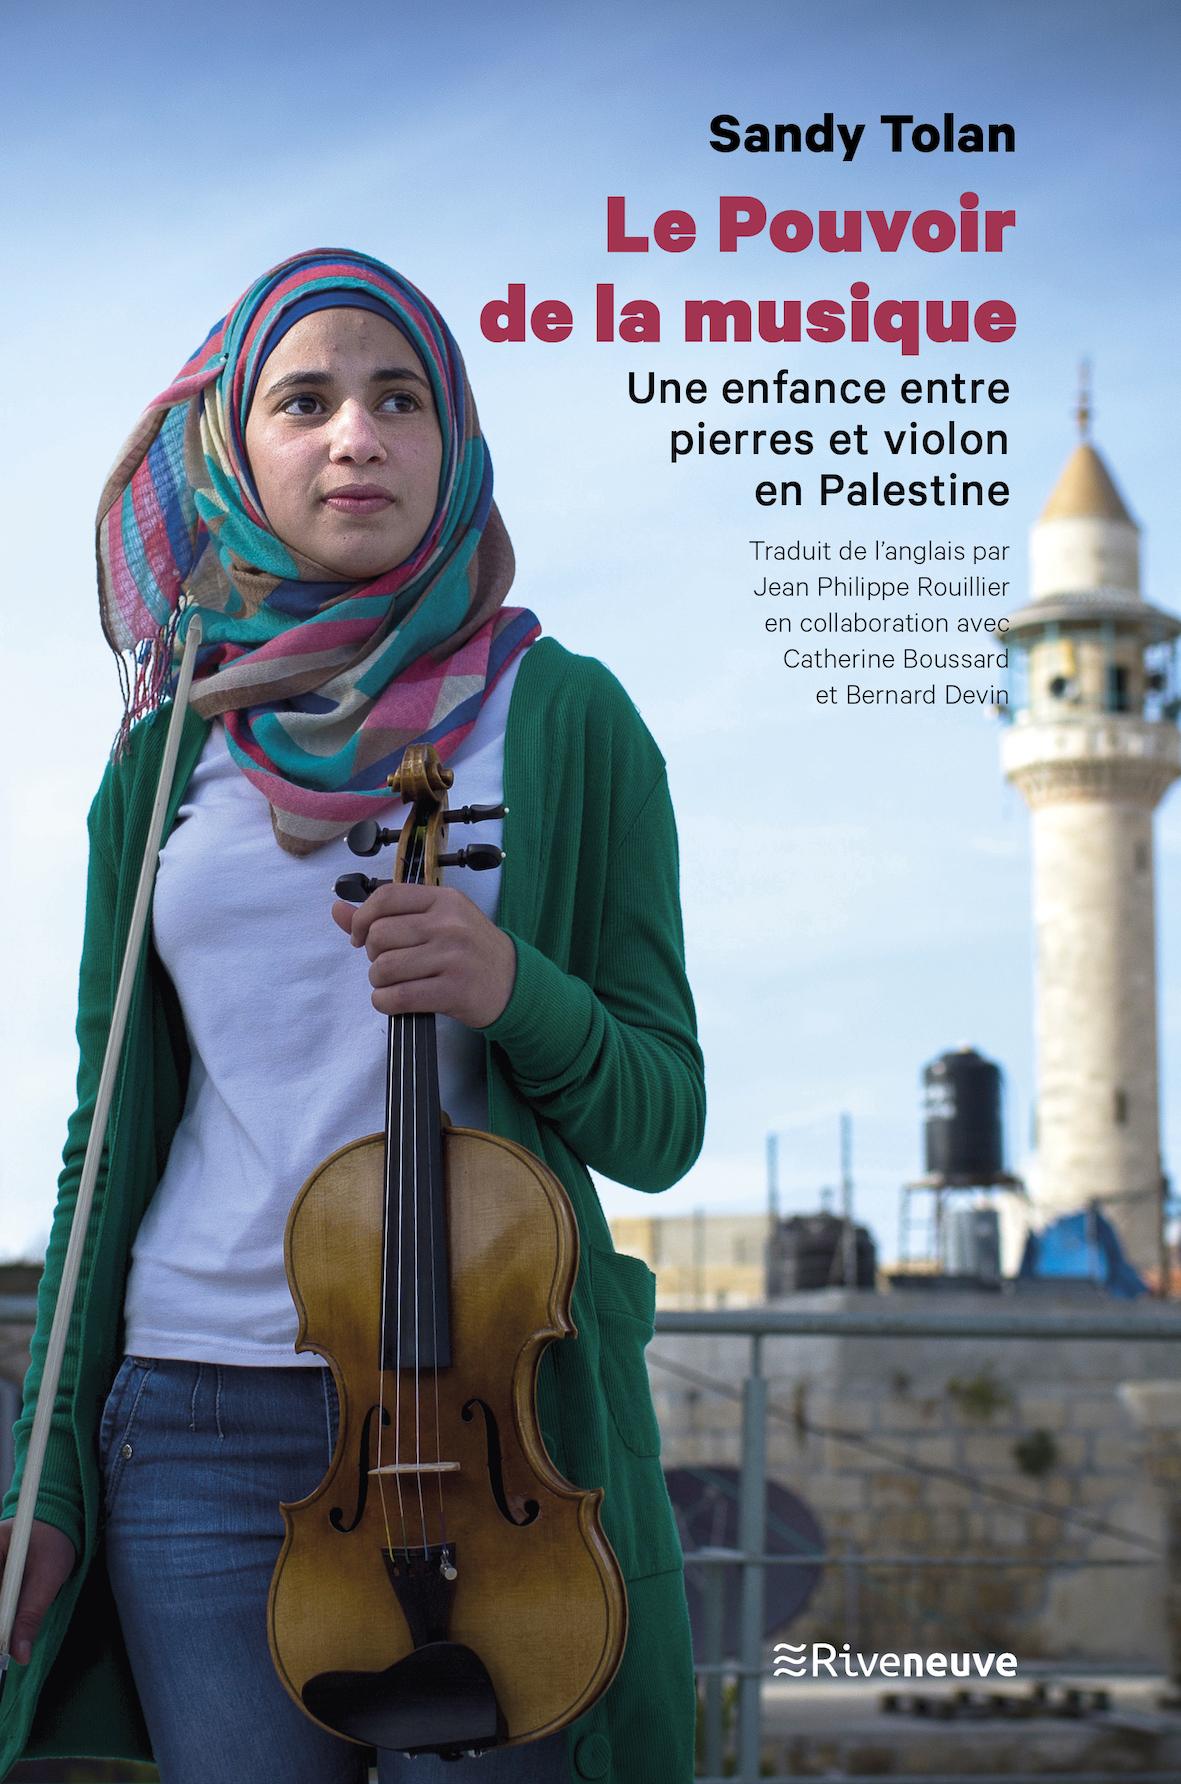 Le Pouvoir de la musique. Une enfance entre pierres et violon en Palestine